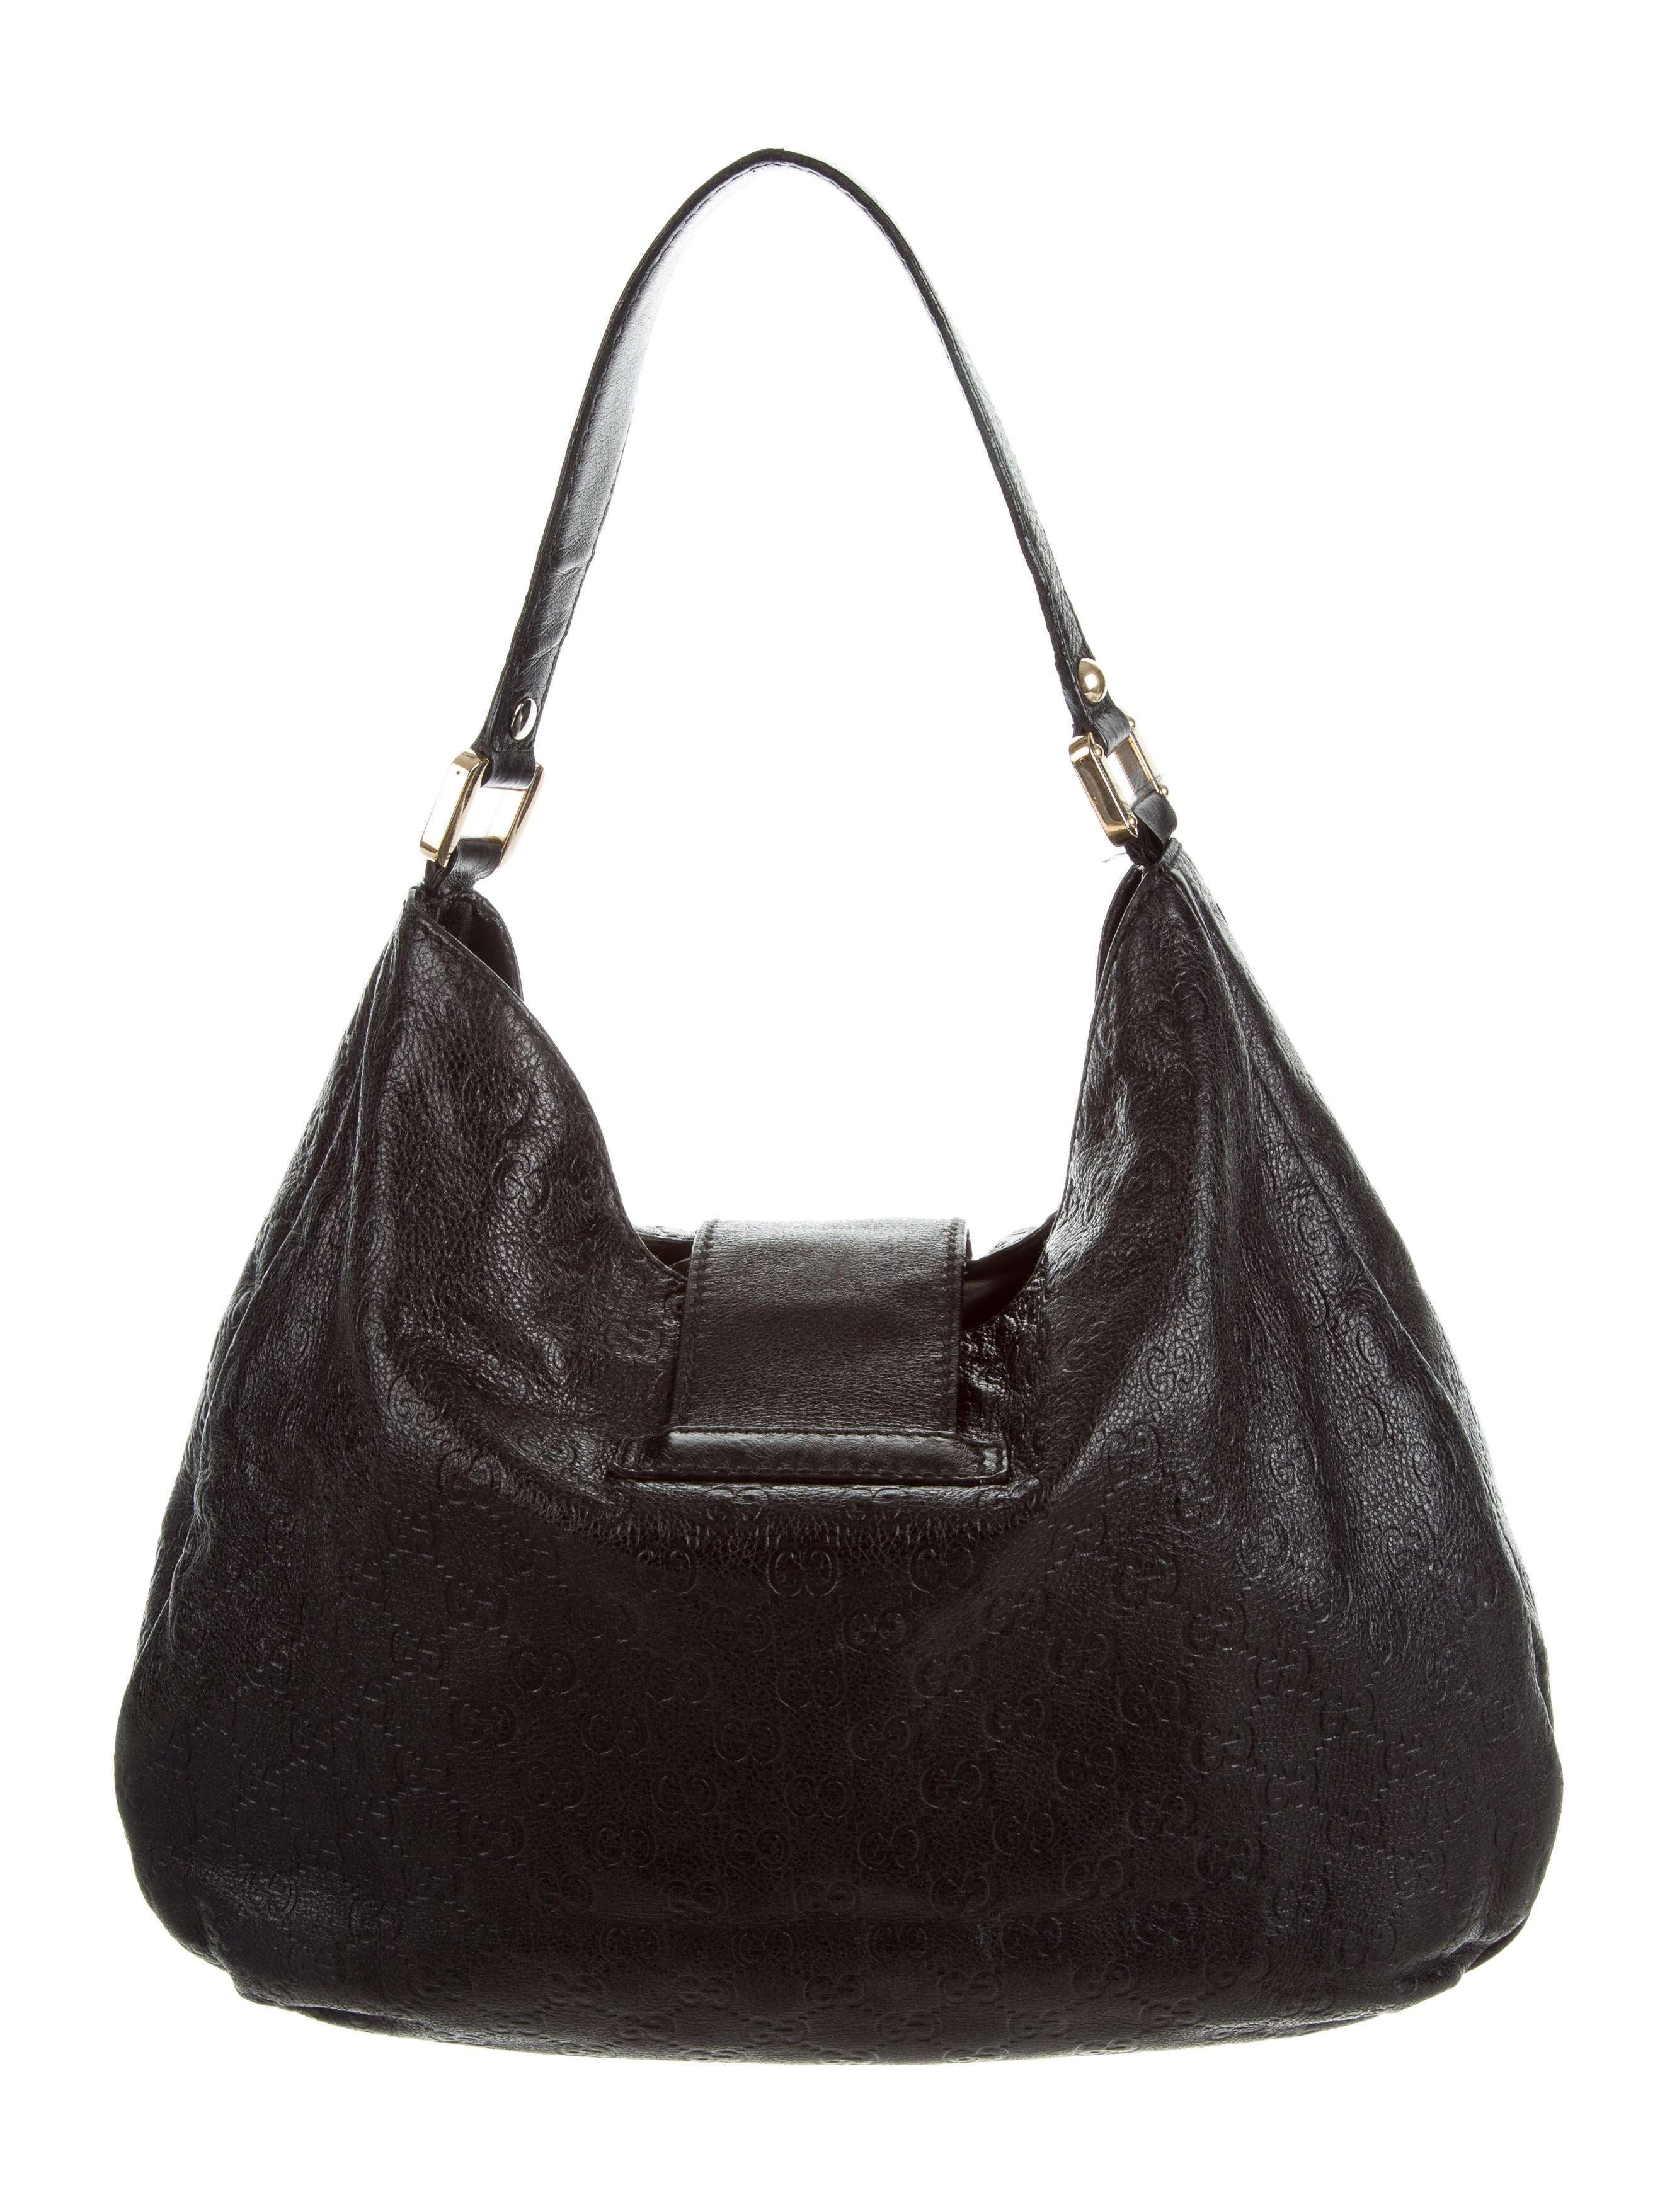 19f5f387db02aa Gucci Guccissima Signature Handbag | Stanford Center for Opportunity ...